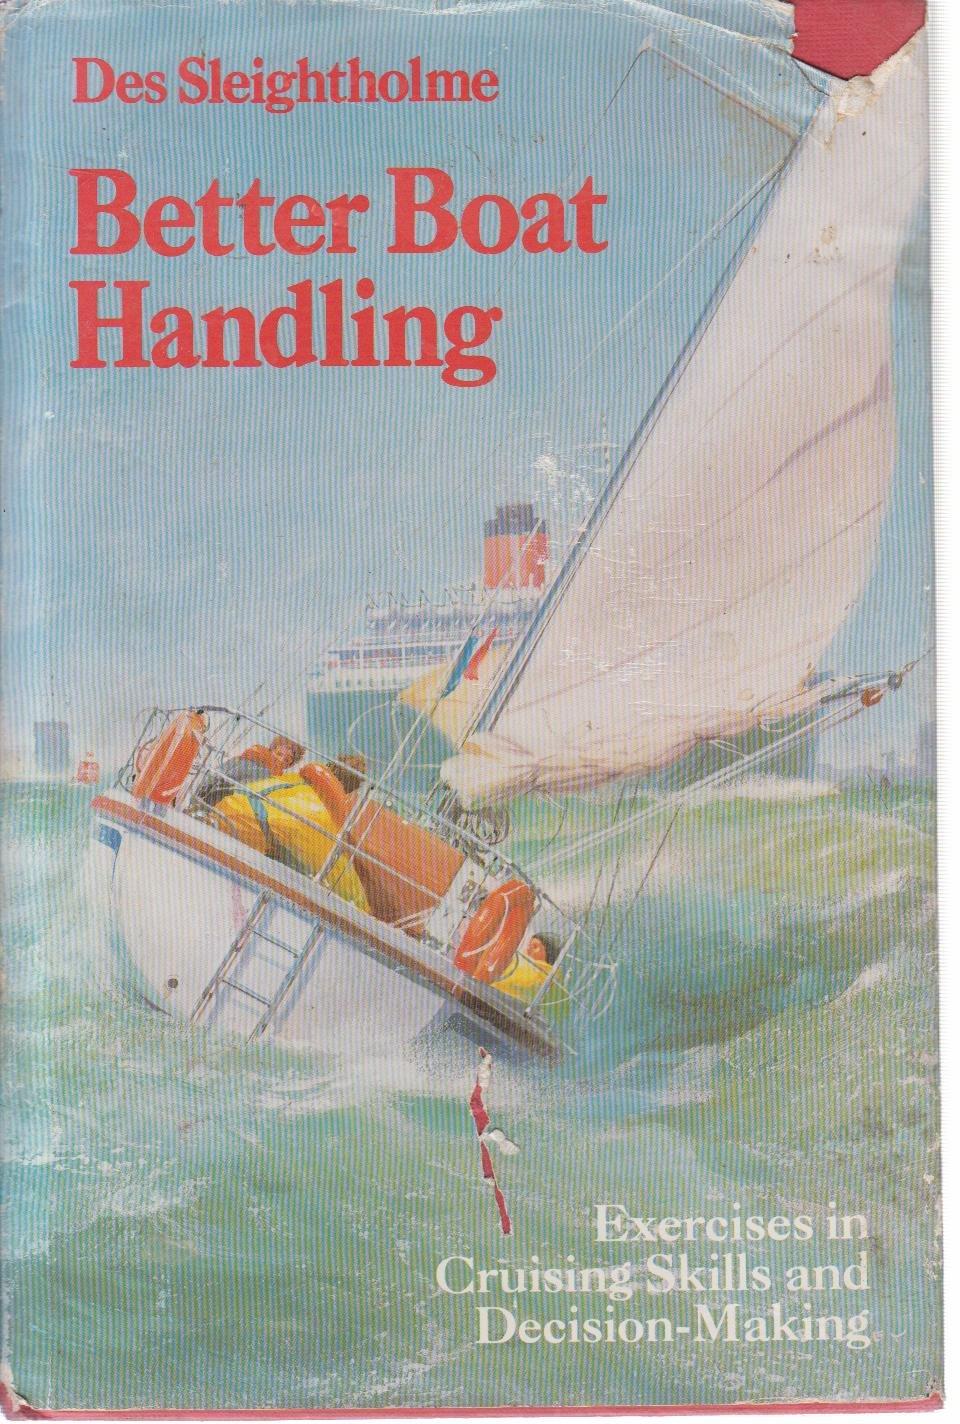 Better boat handling, Sleightholme, J. D